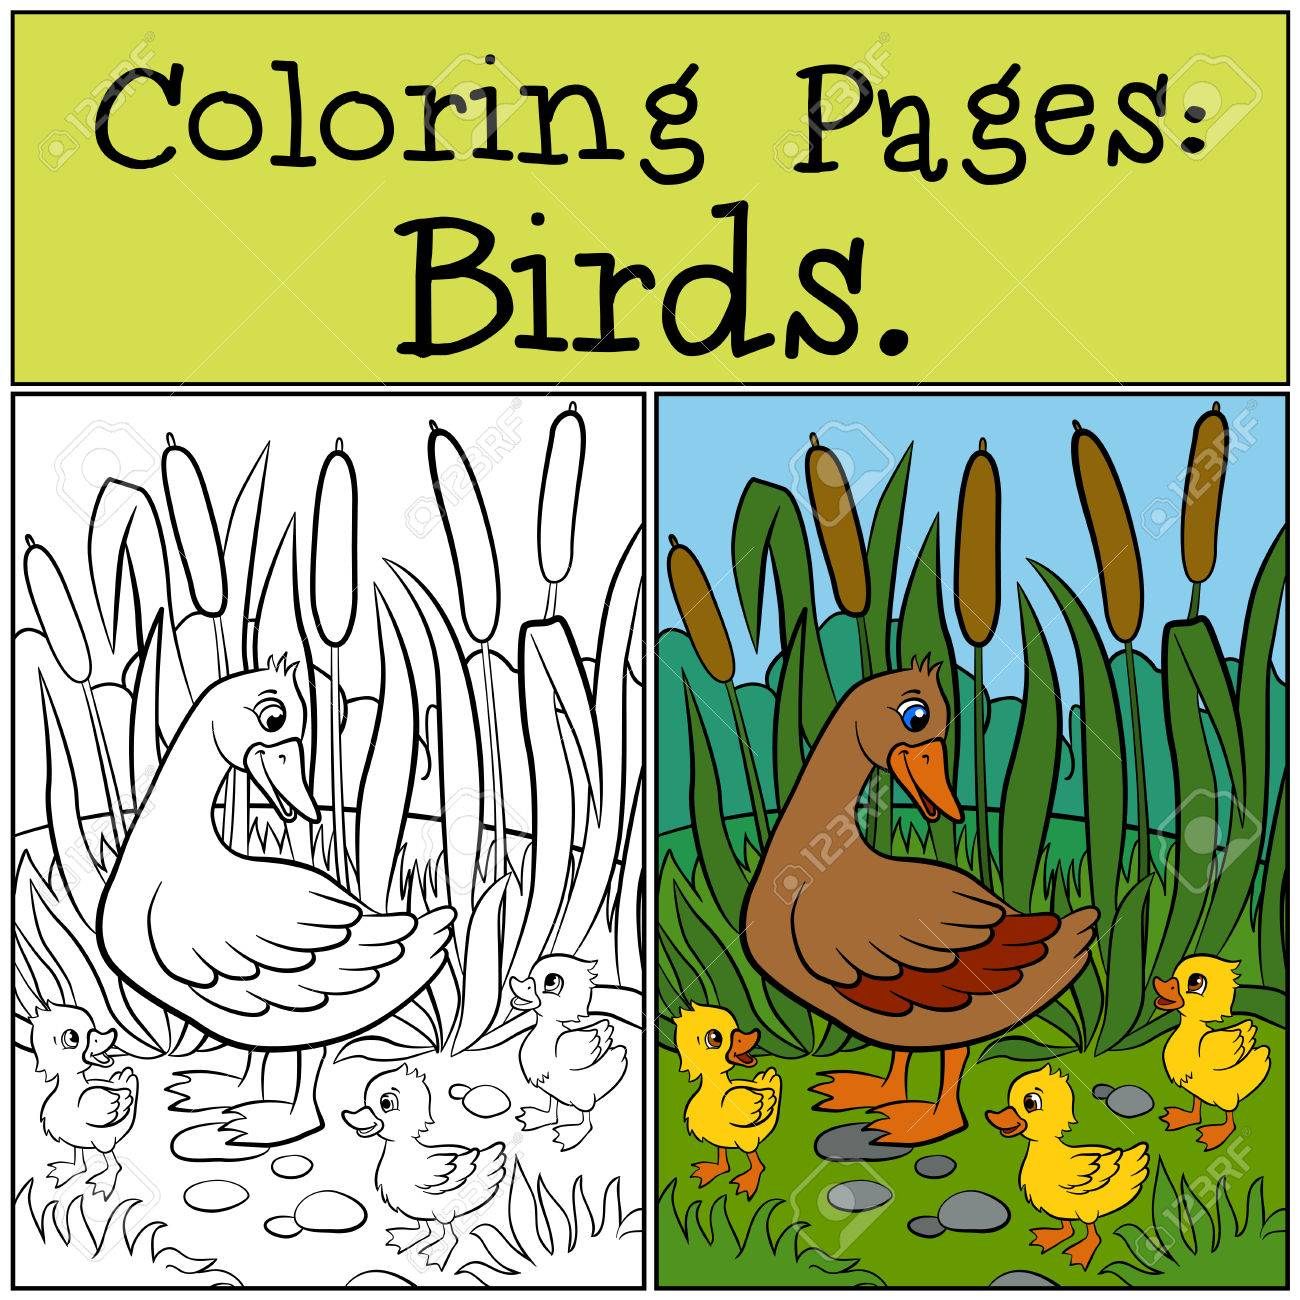 Malvorlagen: Vögel. Mutter Ente Mit Ihrem Kleinen Süßen Entlein ...